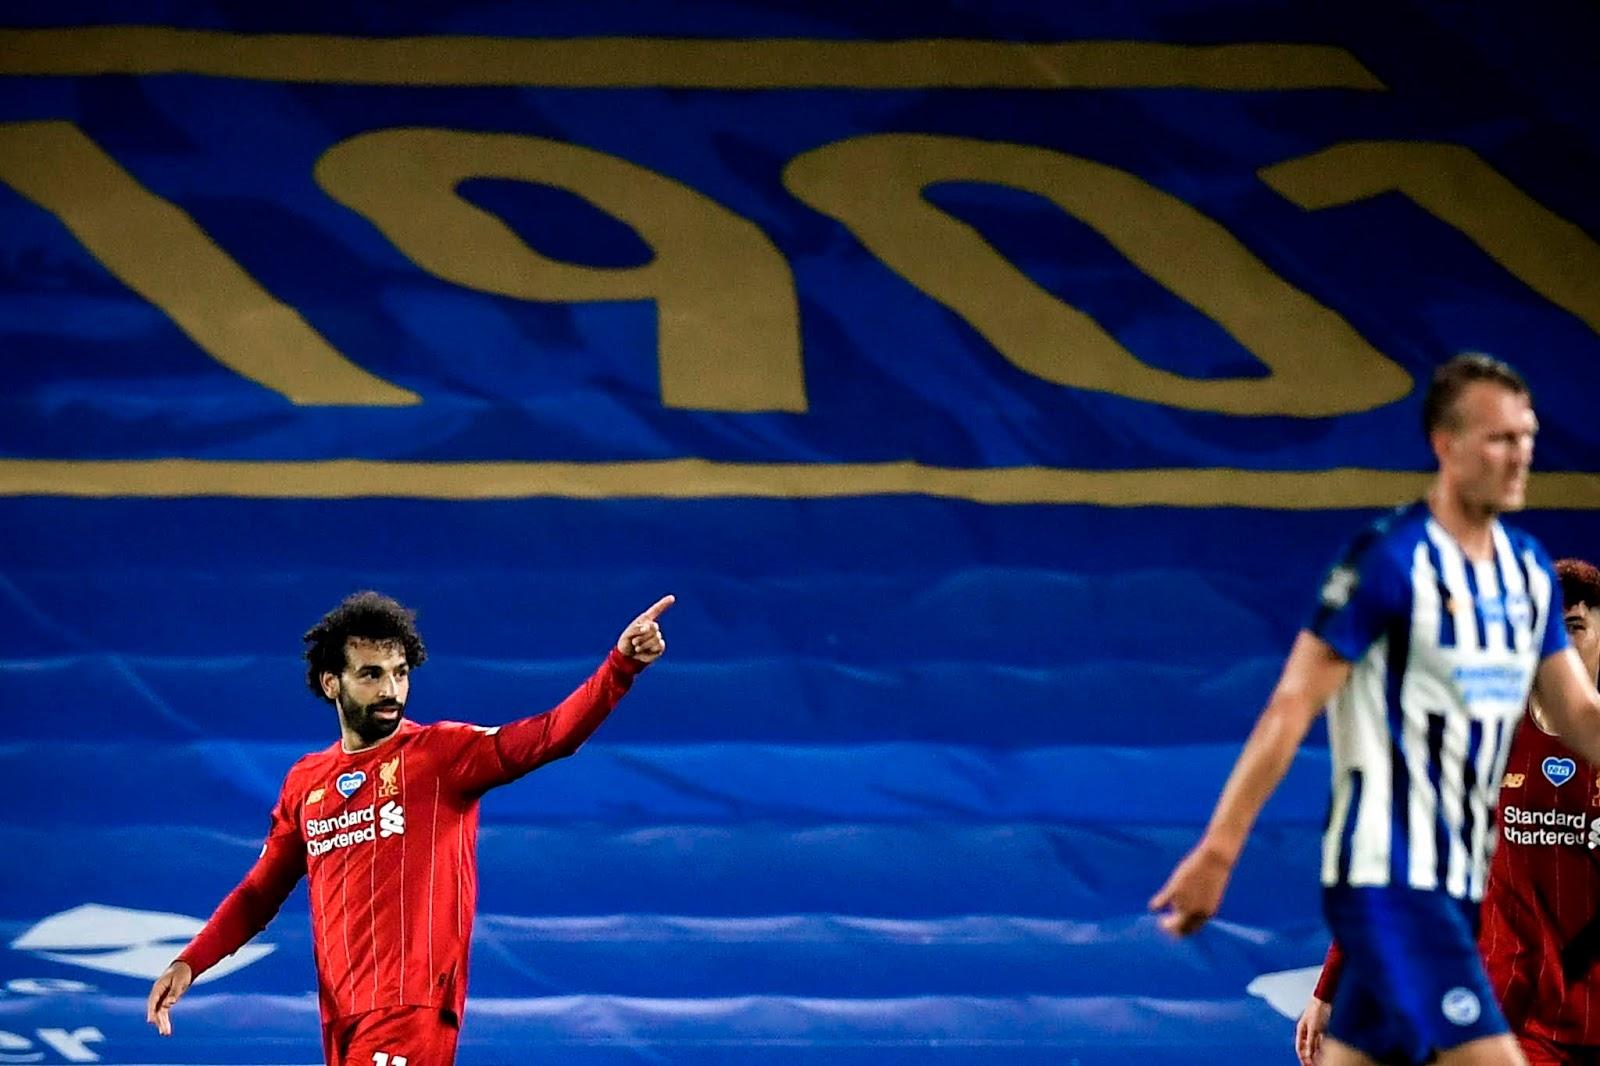 El Liverpool gana de nuevo en su búsqueda del récord de puntos